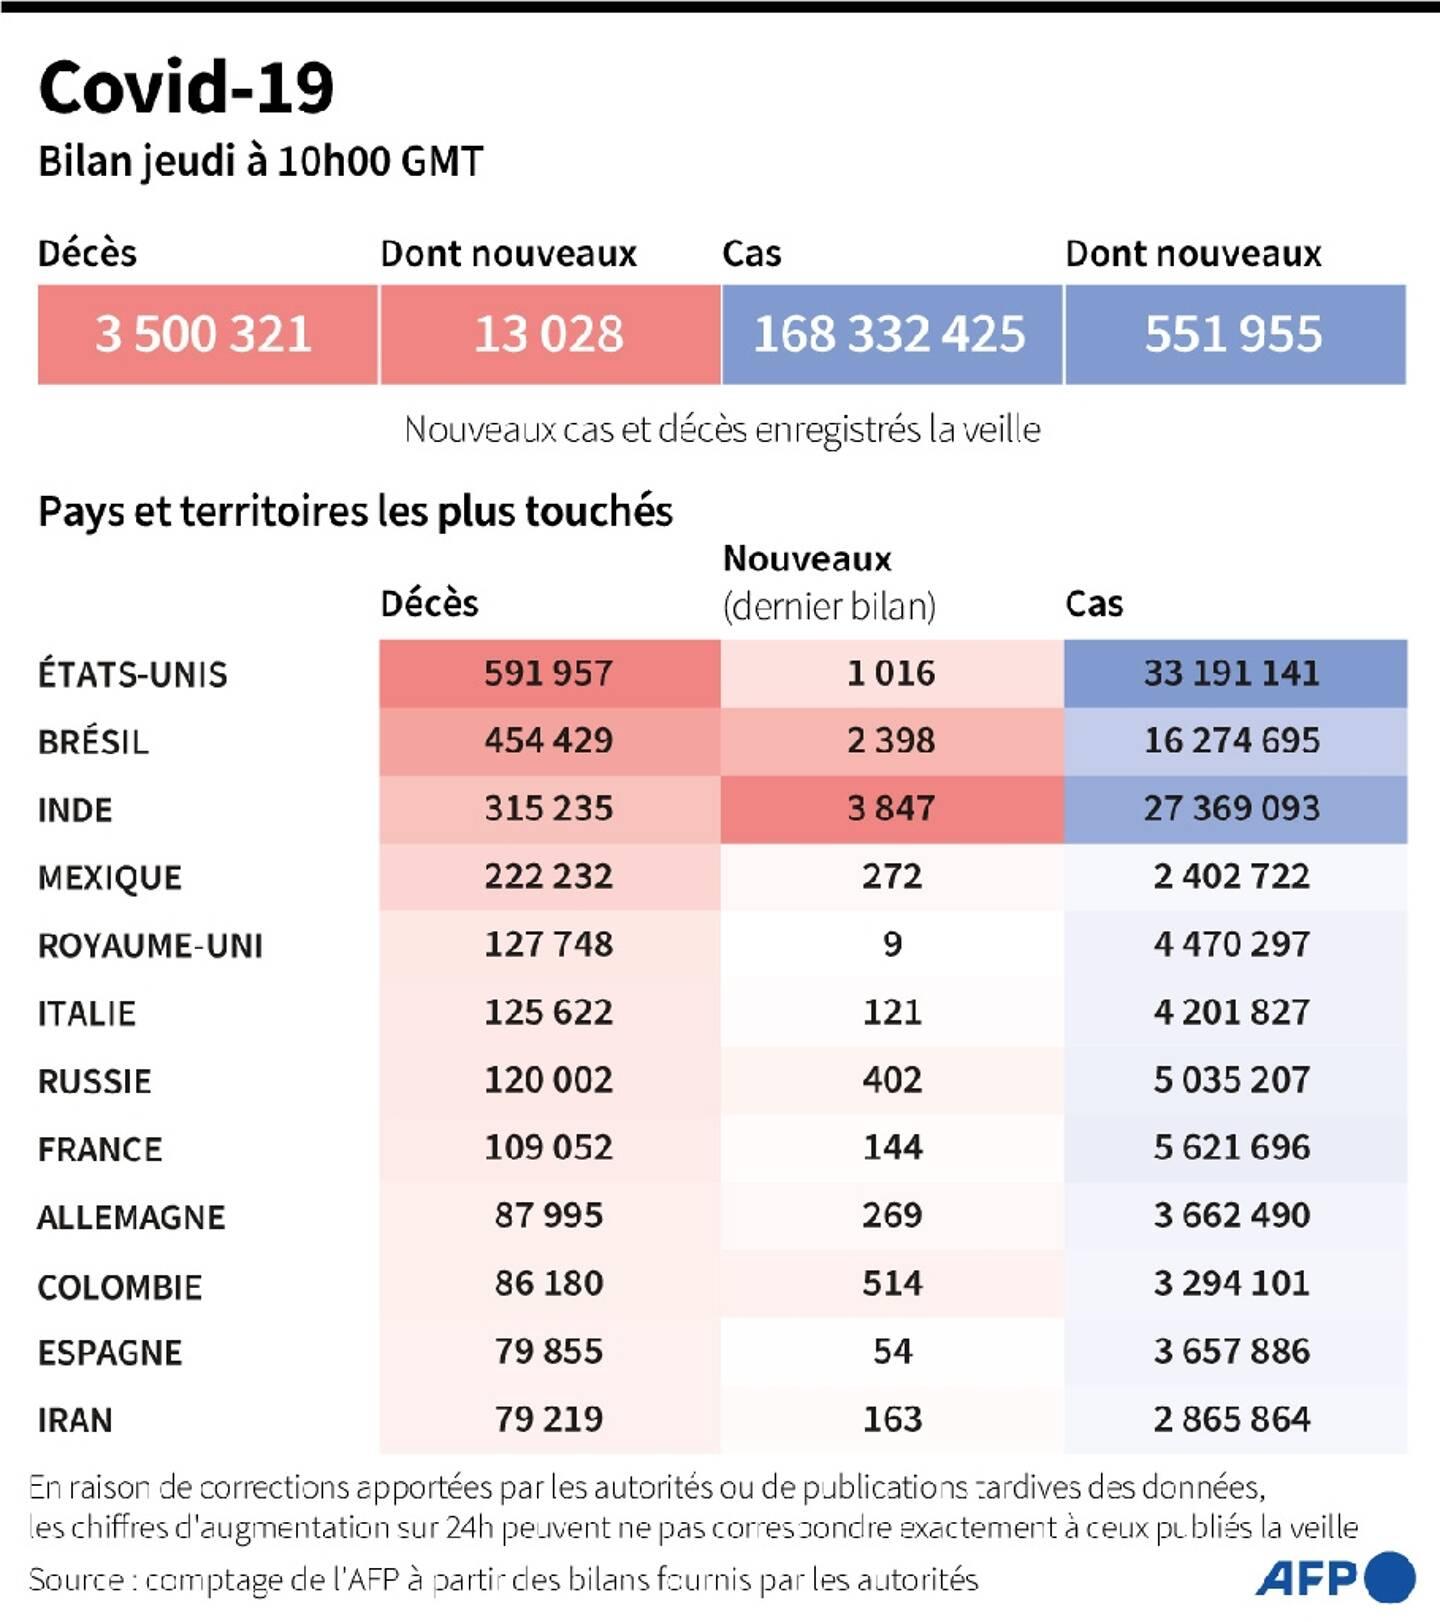 Covid-19 : bilan mondial